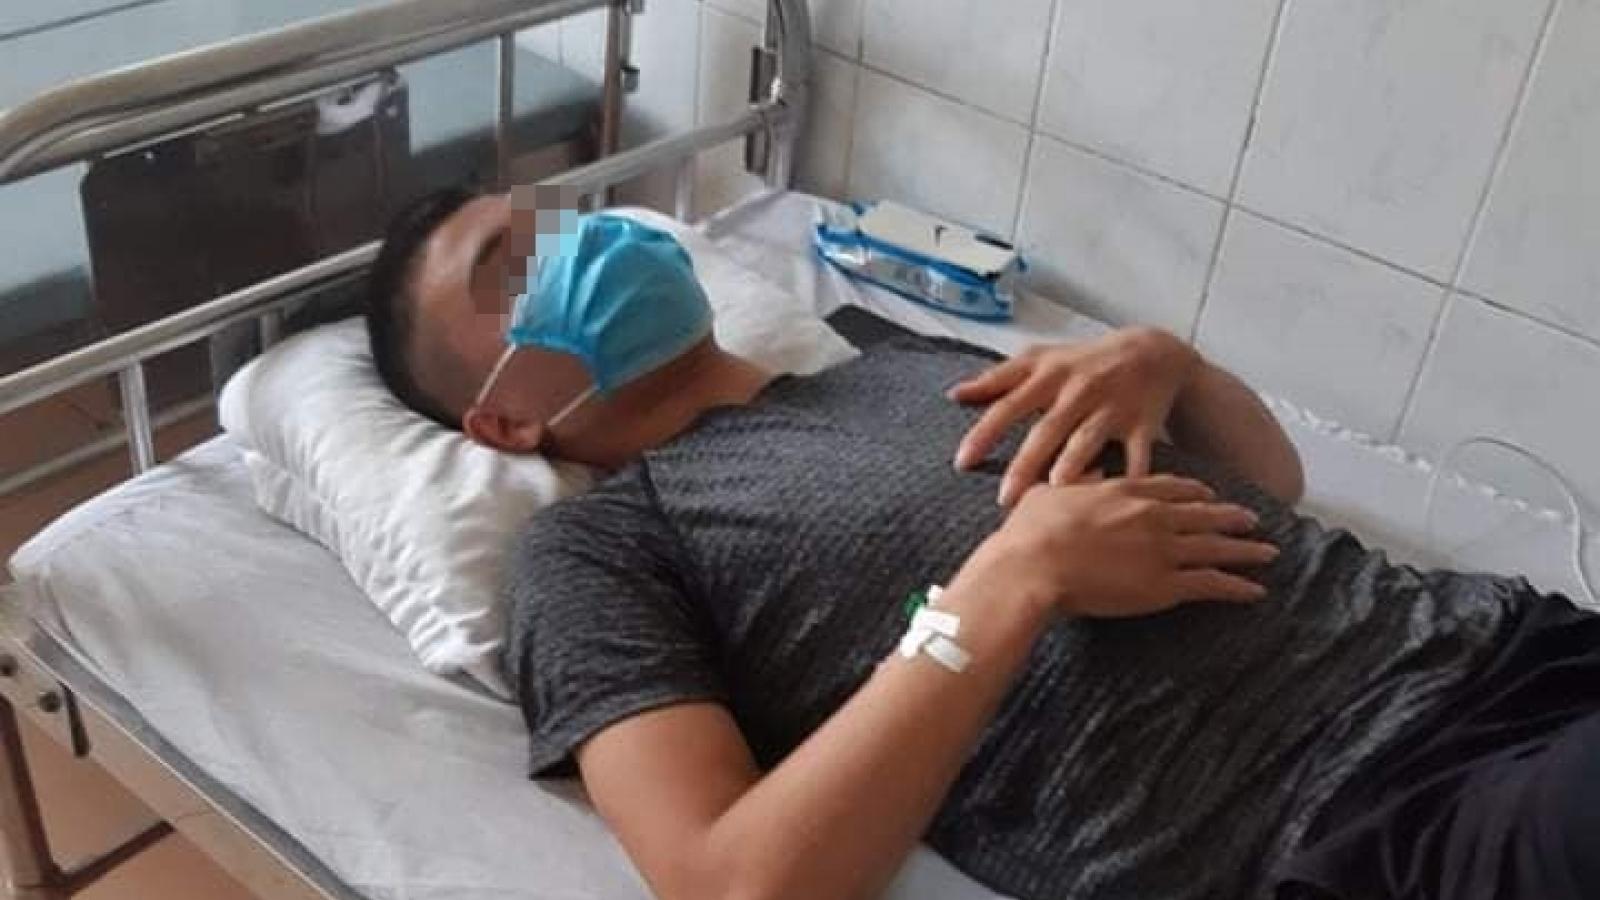 Bệnh nhân bị tím tái toàn thân, ngừng tuần hoàn do ăn cào cào